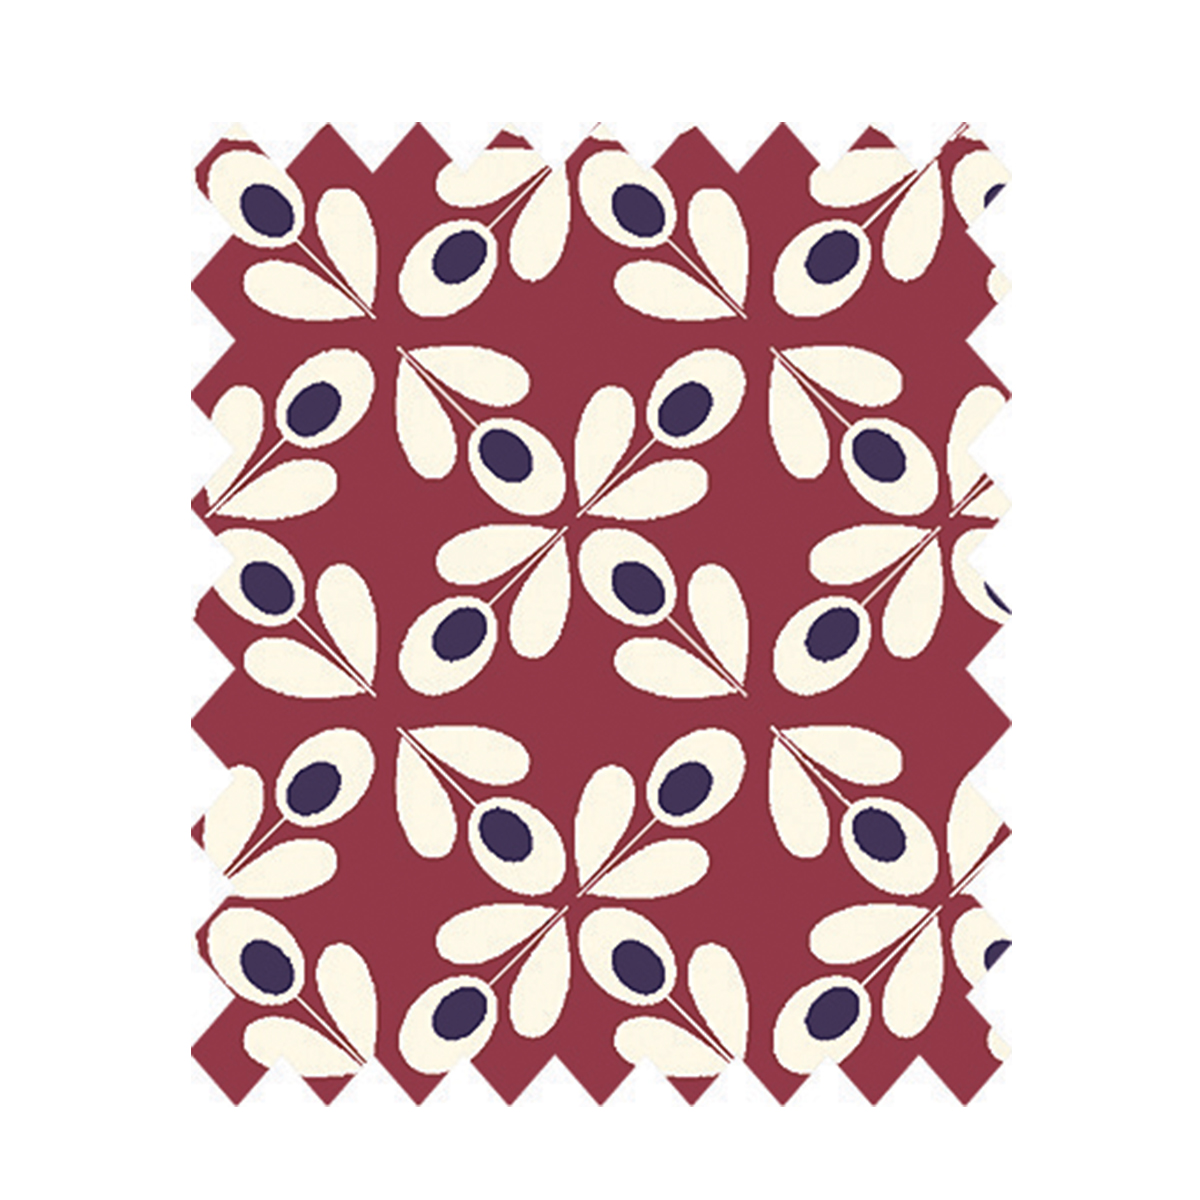 Ткань Gutermann Fenton House, 48 х 50 см. 647322_383NLED-454-9W-BKХлопковая ткань от Gutermann (Гутерманн) выполнена из 100% натурального материала, идеально подойдет для шитья одежды, постельного белья, декорирования. Ткань не линяет, не осыпается по краям и не дает усадки.